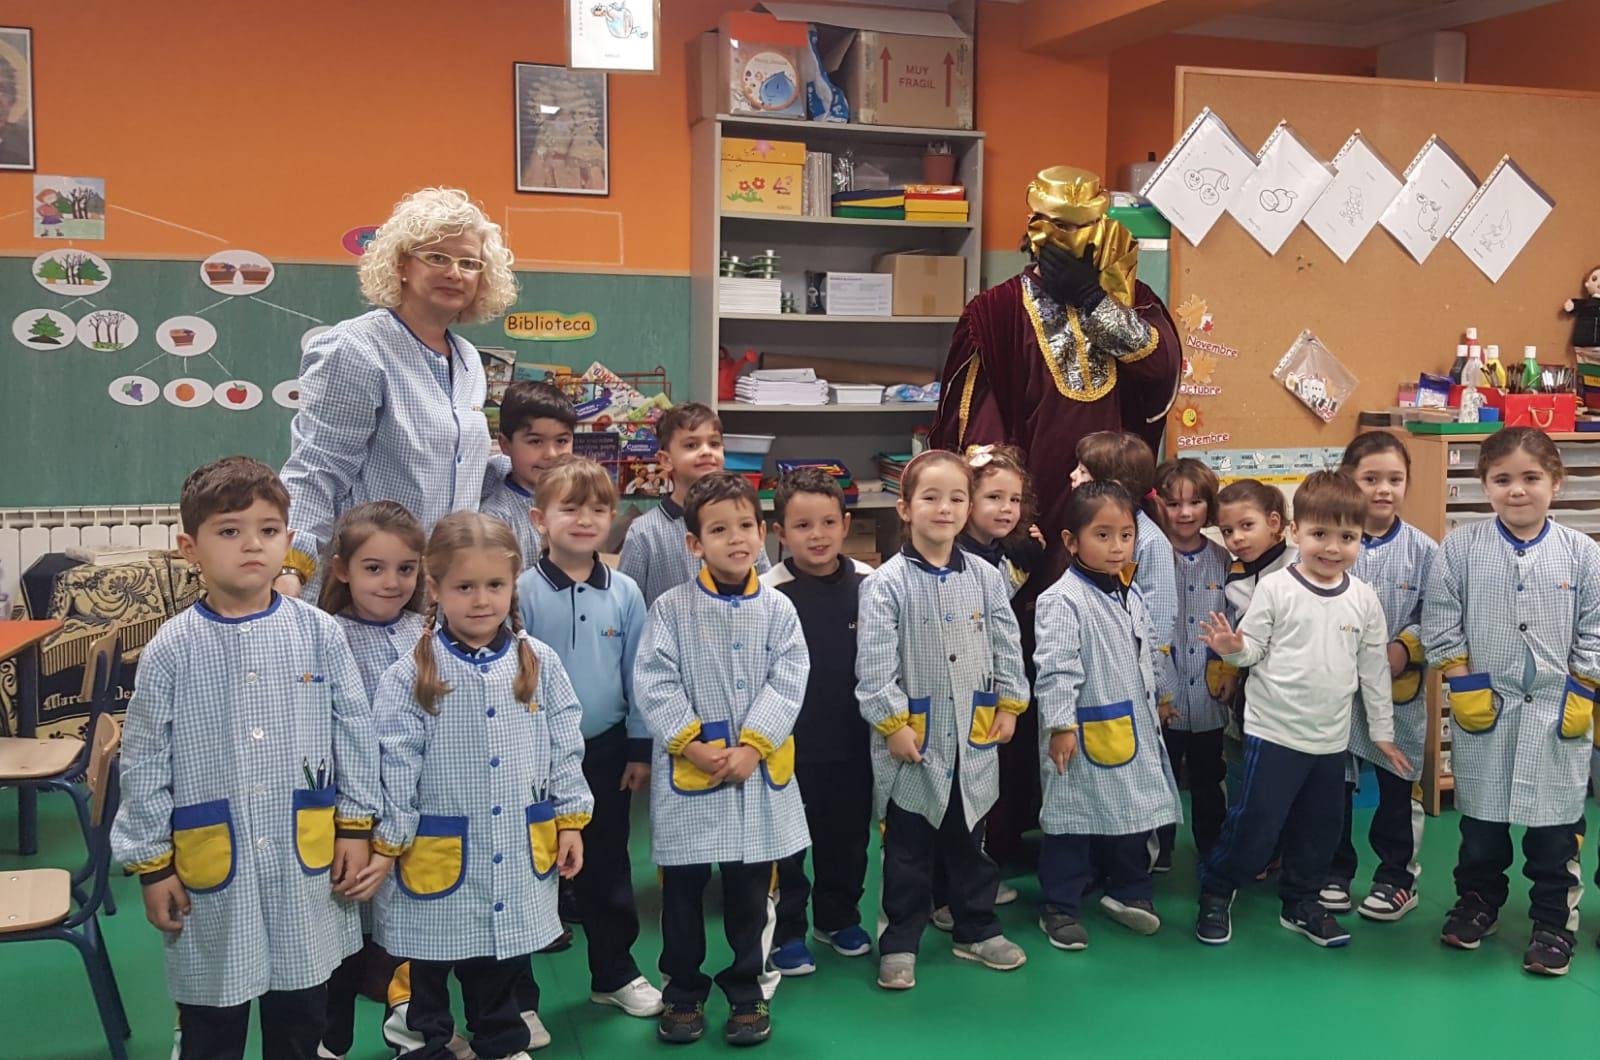 Visita del Paje Real a la Escuela Infantil Desamparados